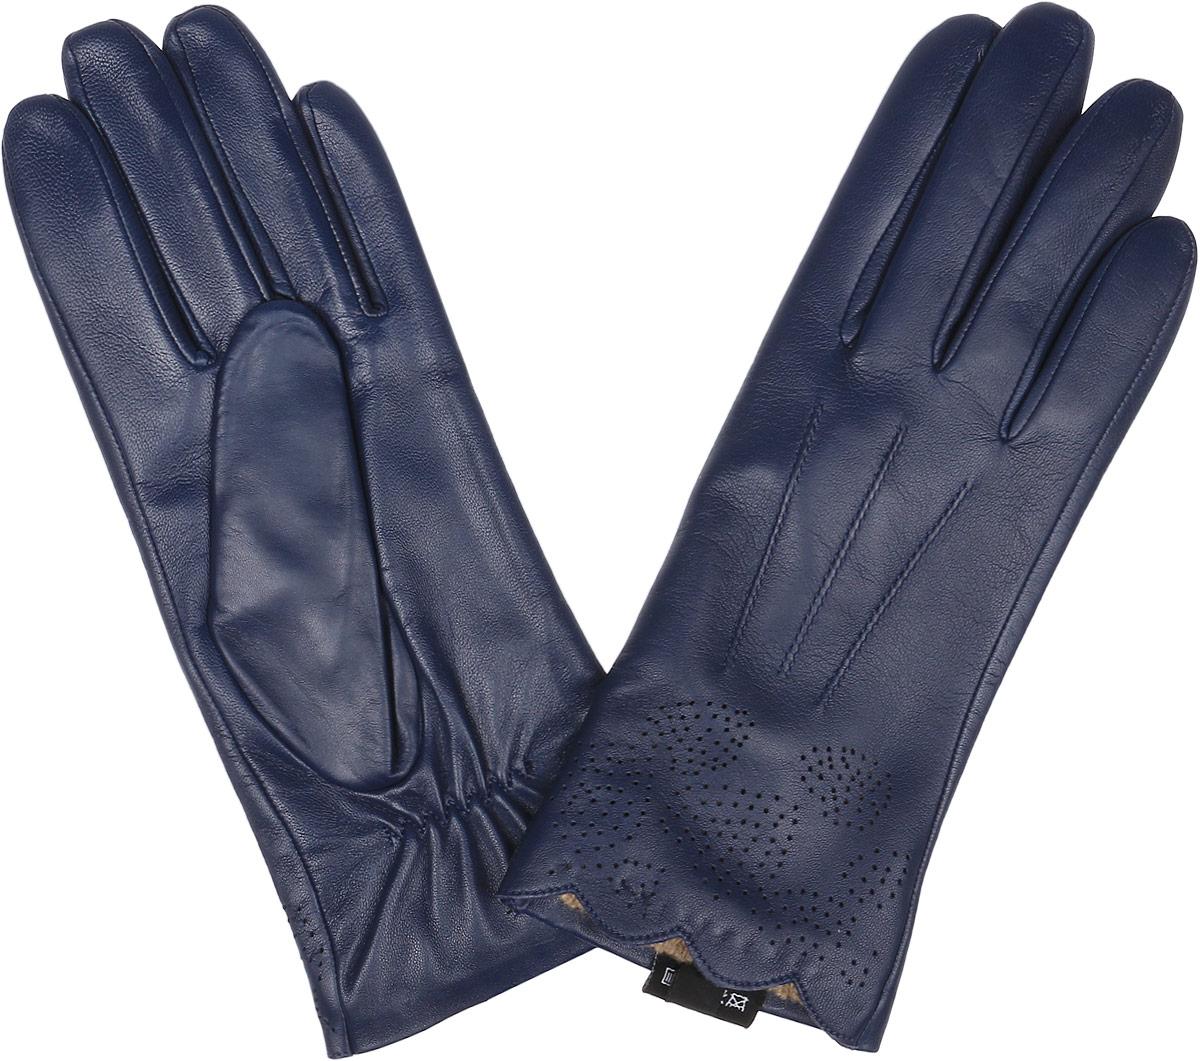 Перчатки женские Fabretti, цвет: синий. 12.29-11. Размер 712.29-11 blueСтильные женские перчатки Fabretti не только защитят ваши руки, но и станут великолепным украшением. Перчатки выполнены из натуральной кожи ягненка, а их подкладка - из высококачественной шерсти с добавлением кашемира.Модель оформлена оригинальными прострочками и строчками-стежками. Дополнены перчаткипрорезным узором. Стильный аксессуар для повседневного образа.